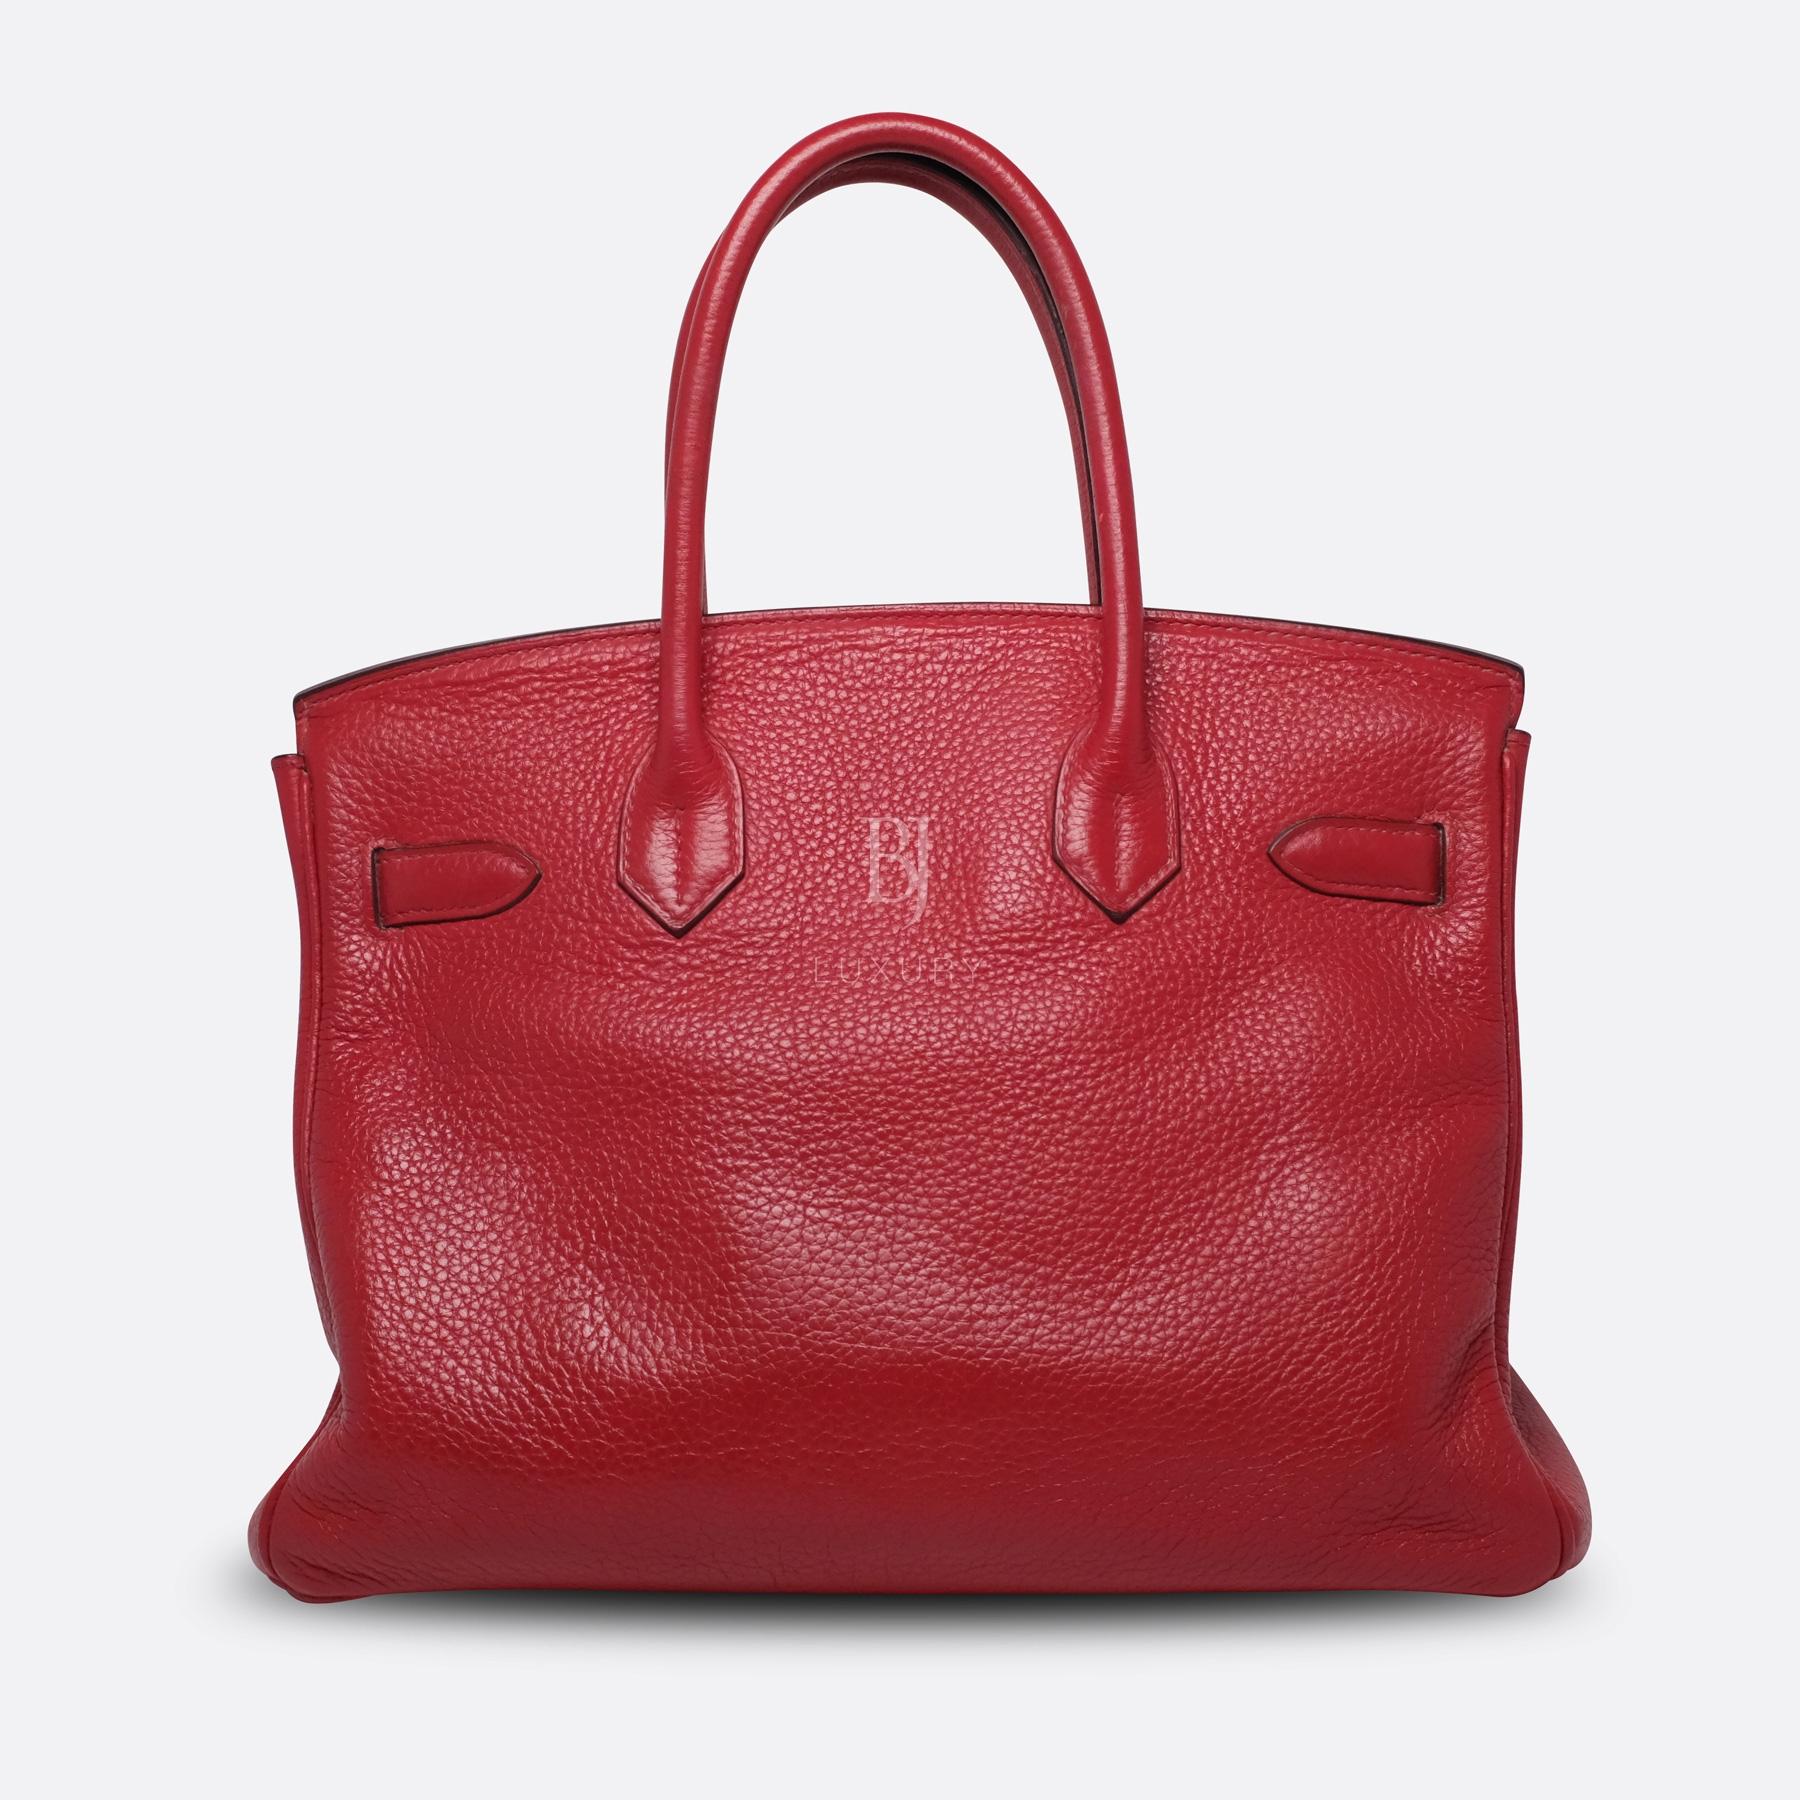 Hermes Birkin 30 Rouge Casaque Clemence Palladium BJ Luxury 13.jpg